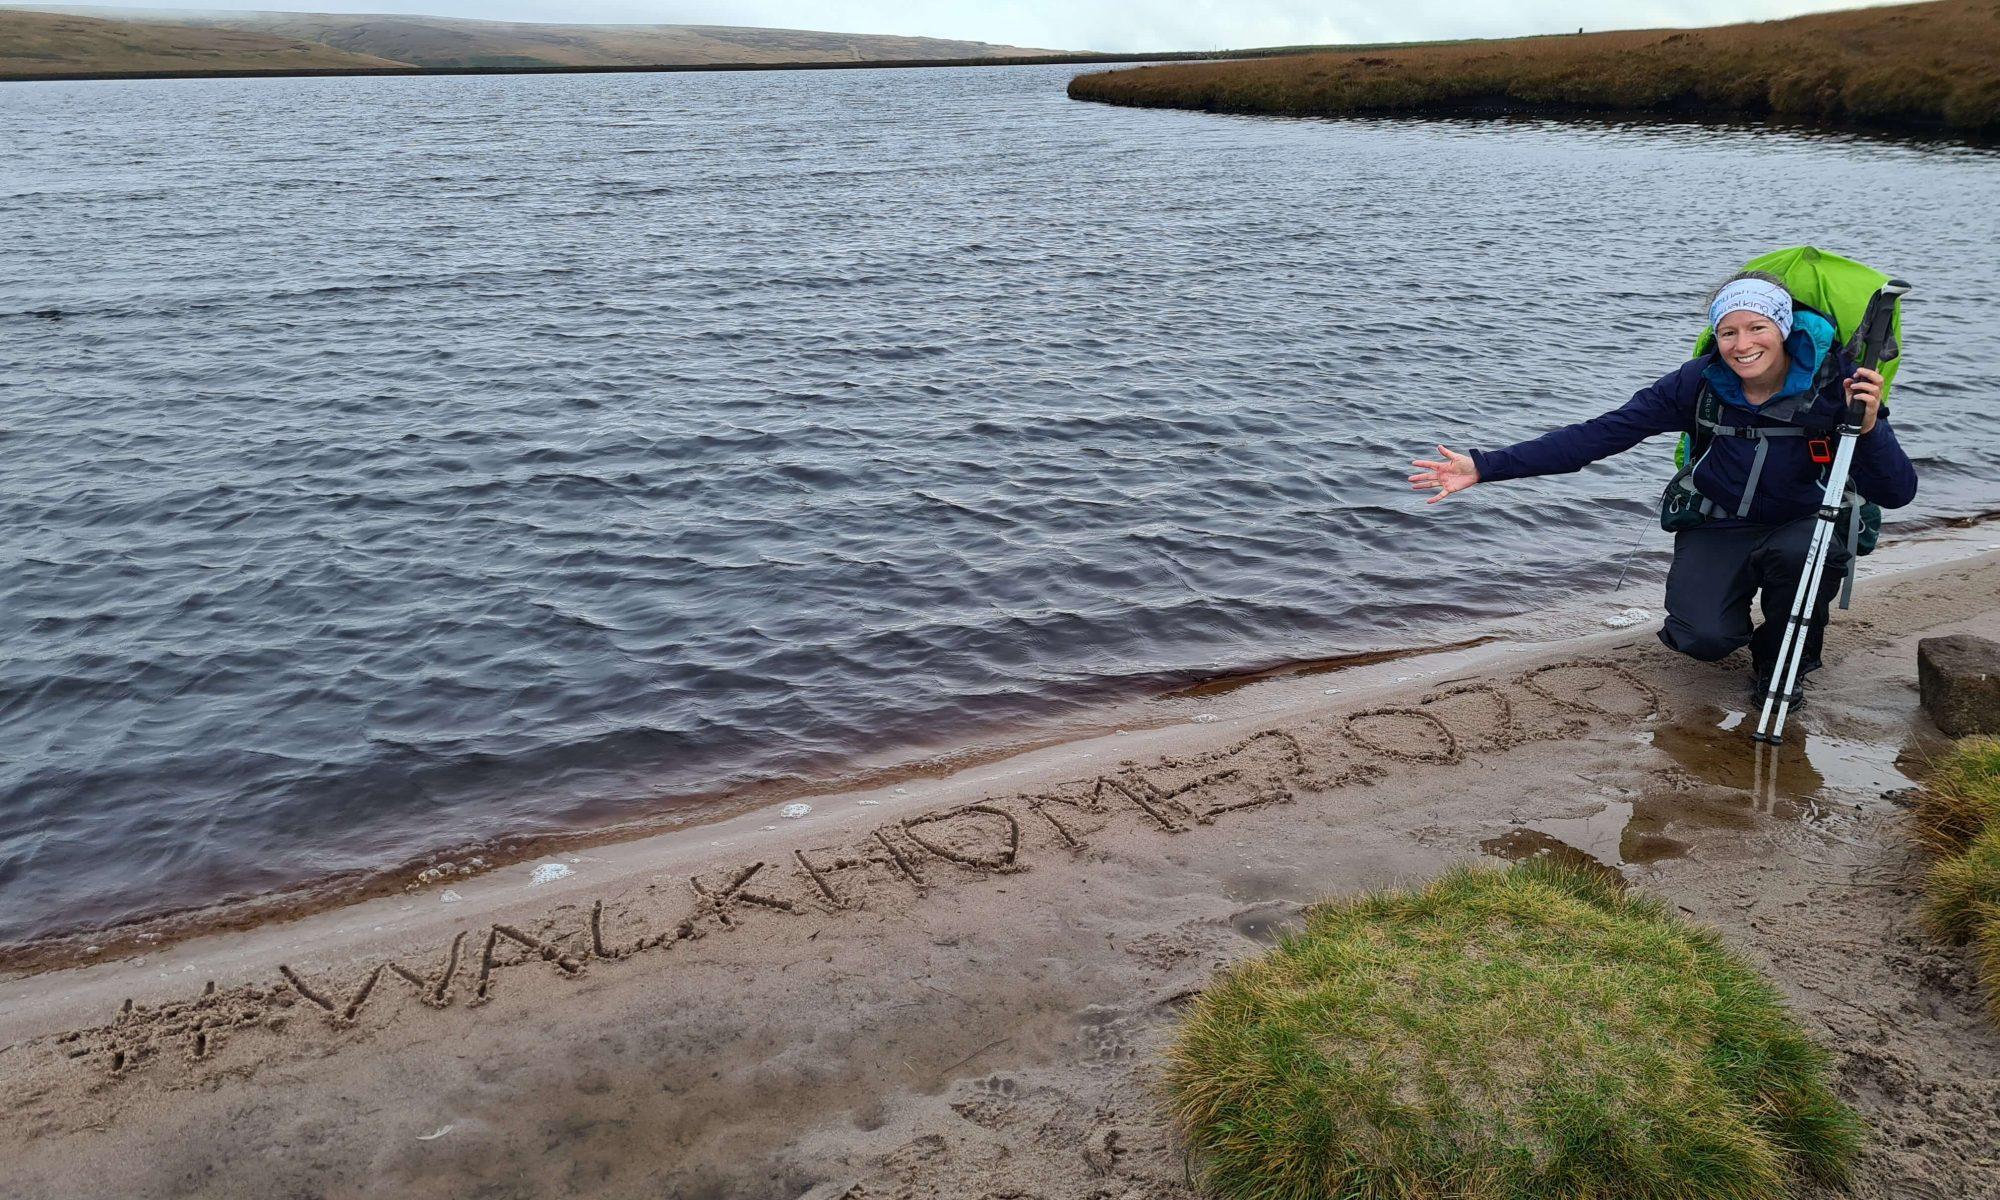 Adventurer Nic on a small beach on Black Moss Reservoir #WalkHome2020